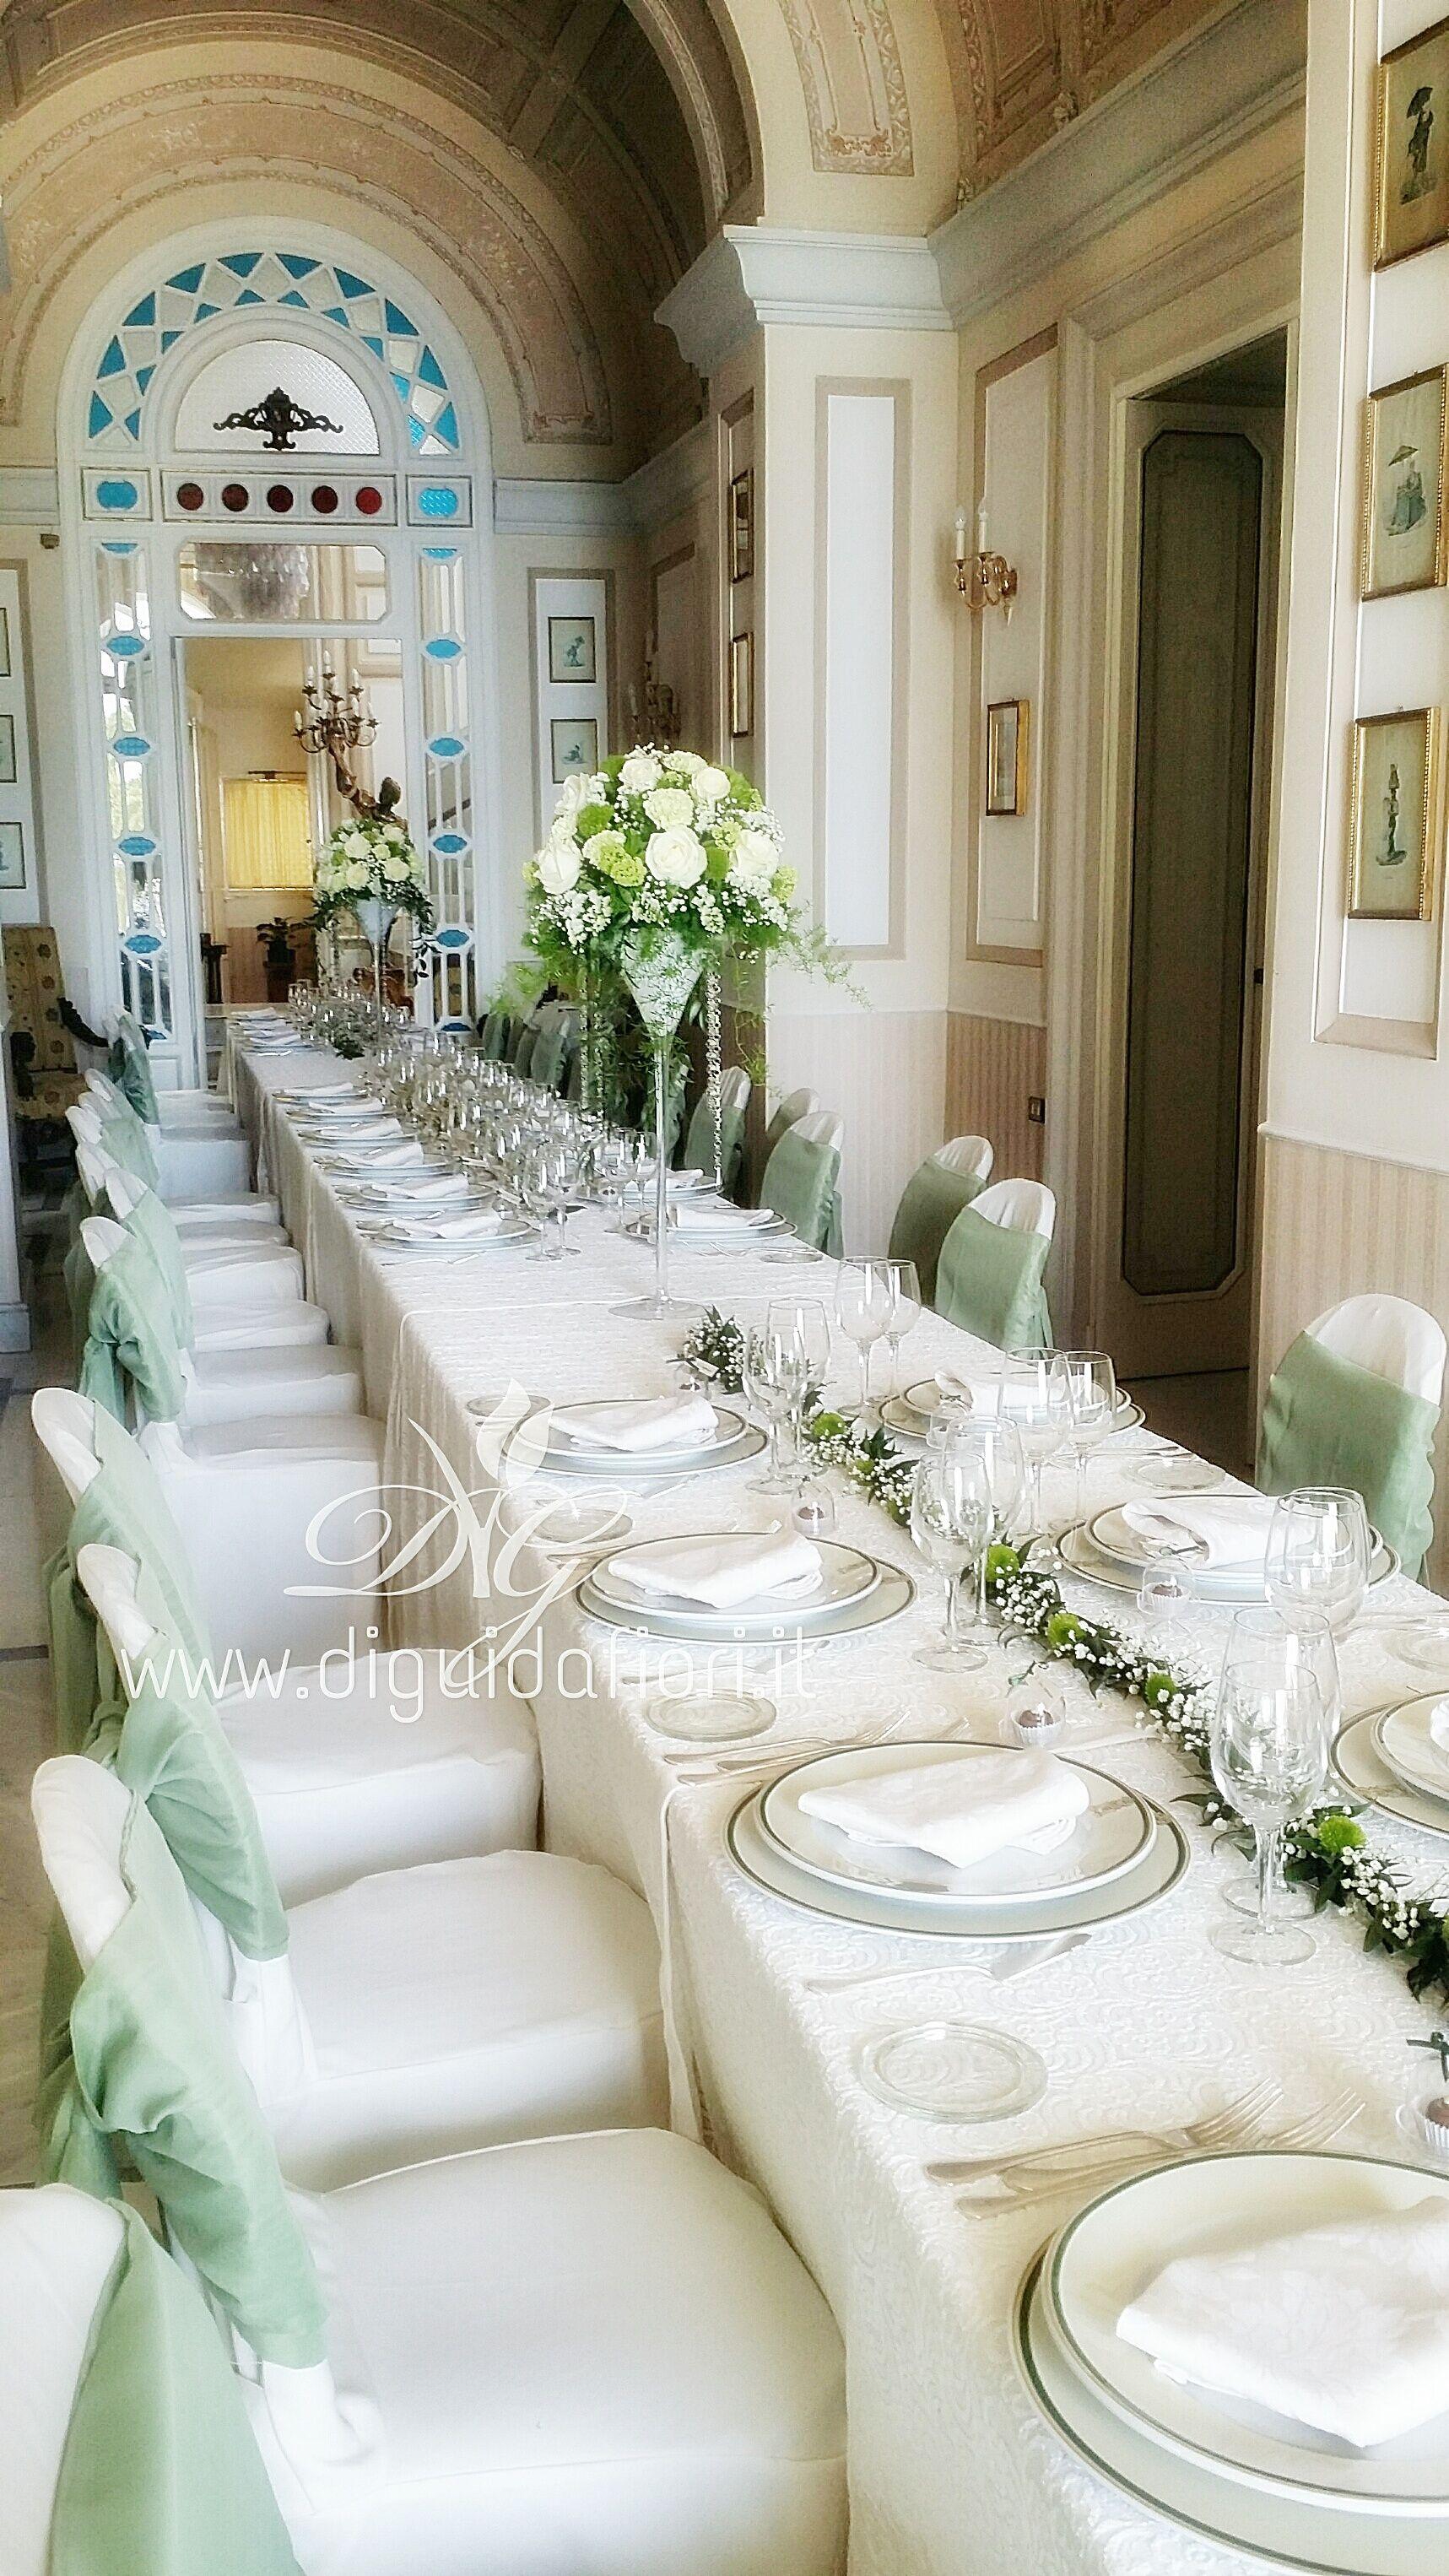 Tavolo imperiale per matrimonio Villa Cilento Posillipo